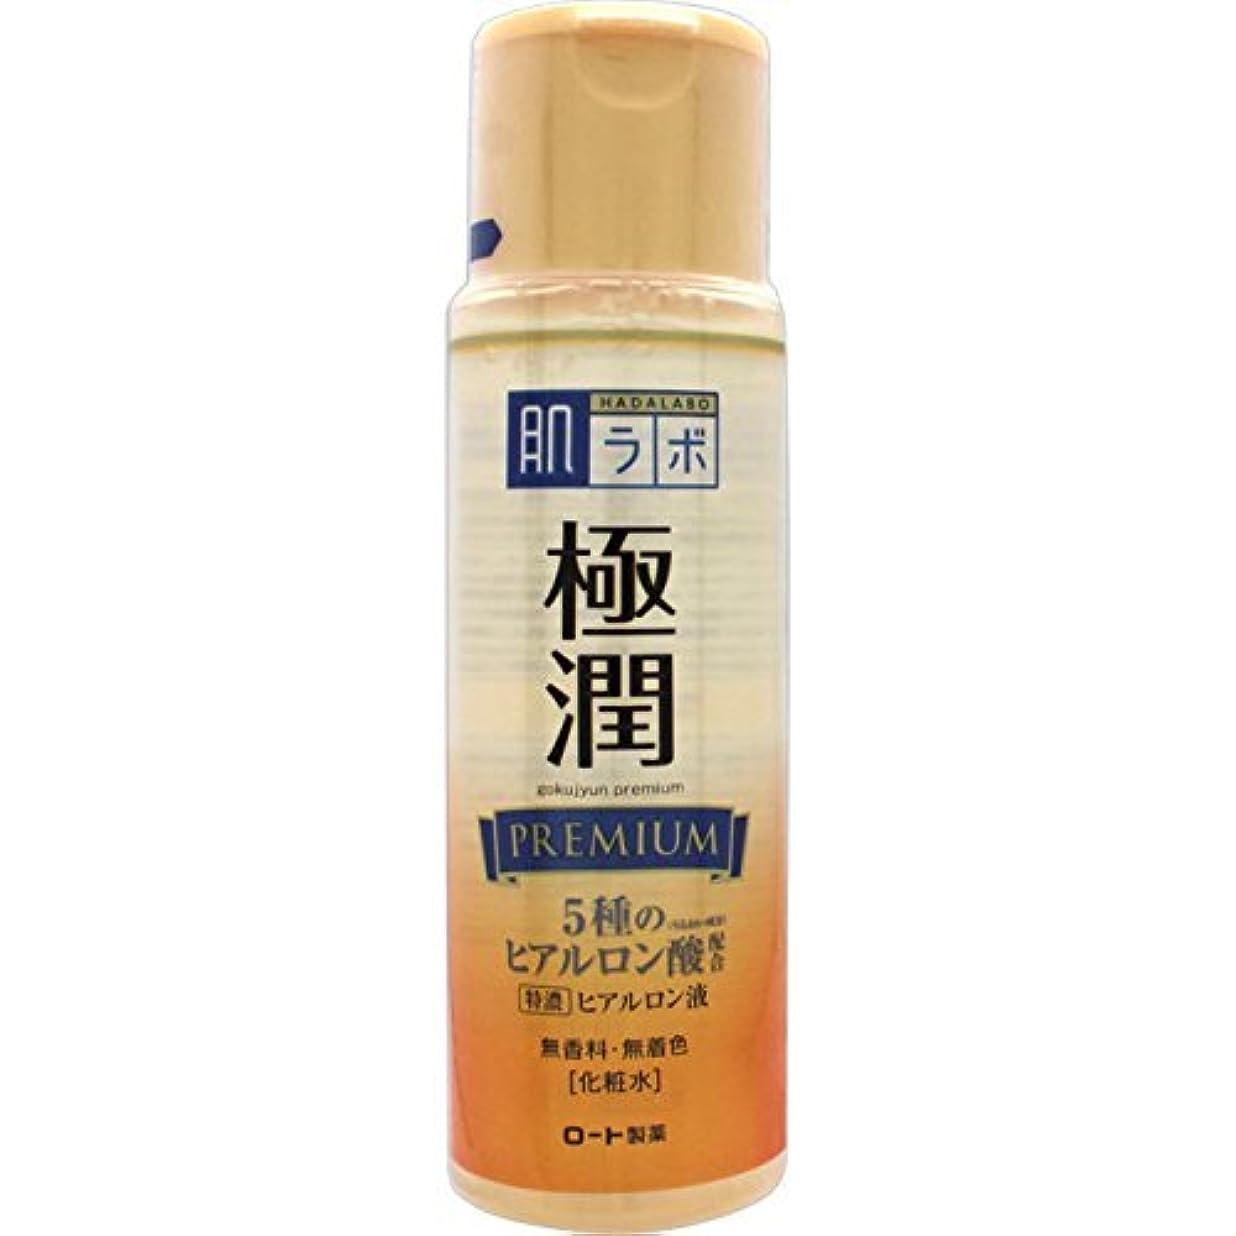 起訴するメモ伴う肌研(ハダラボ) 極潤プレミアム ヒアルロン液 × 3個セット